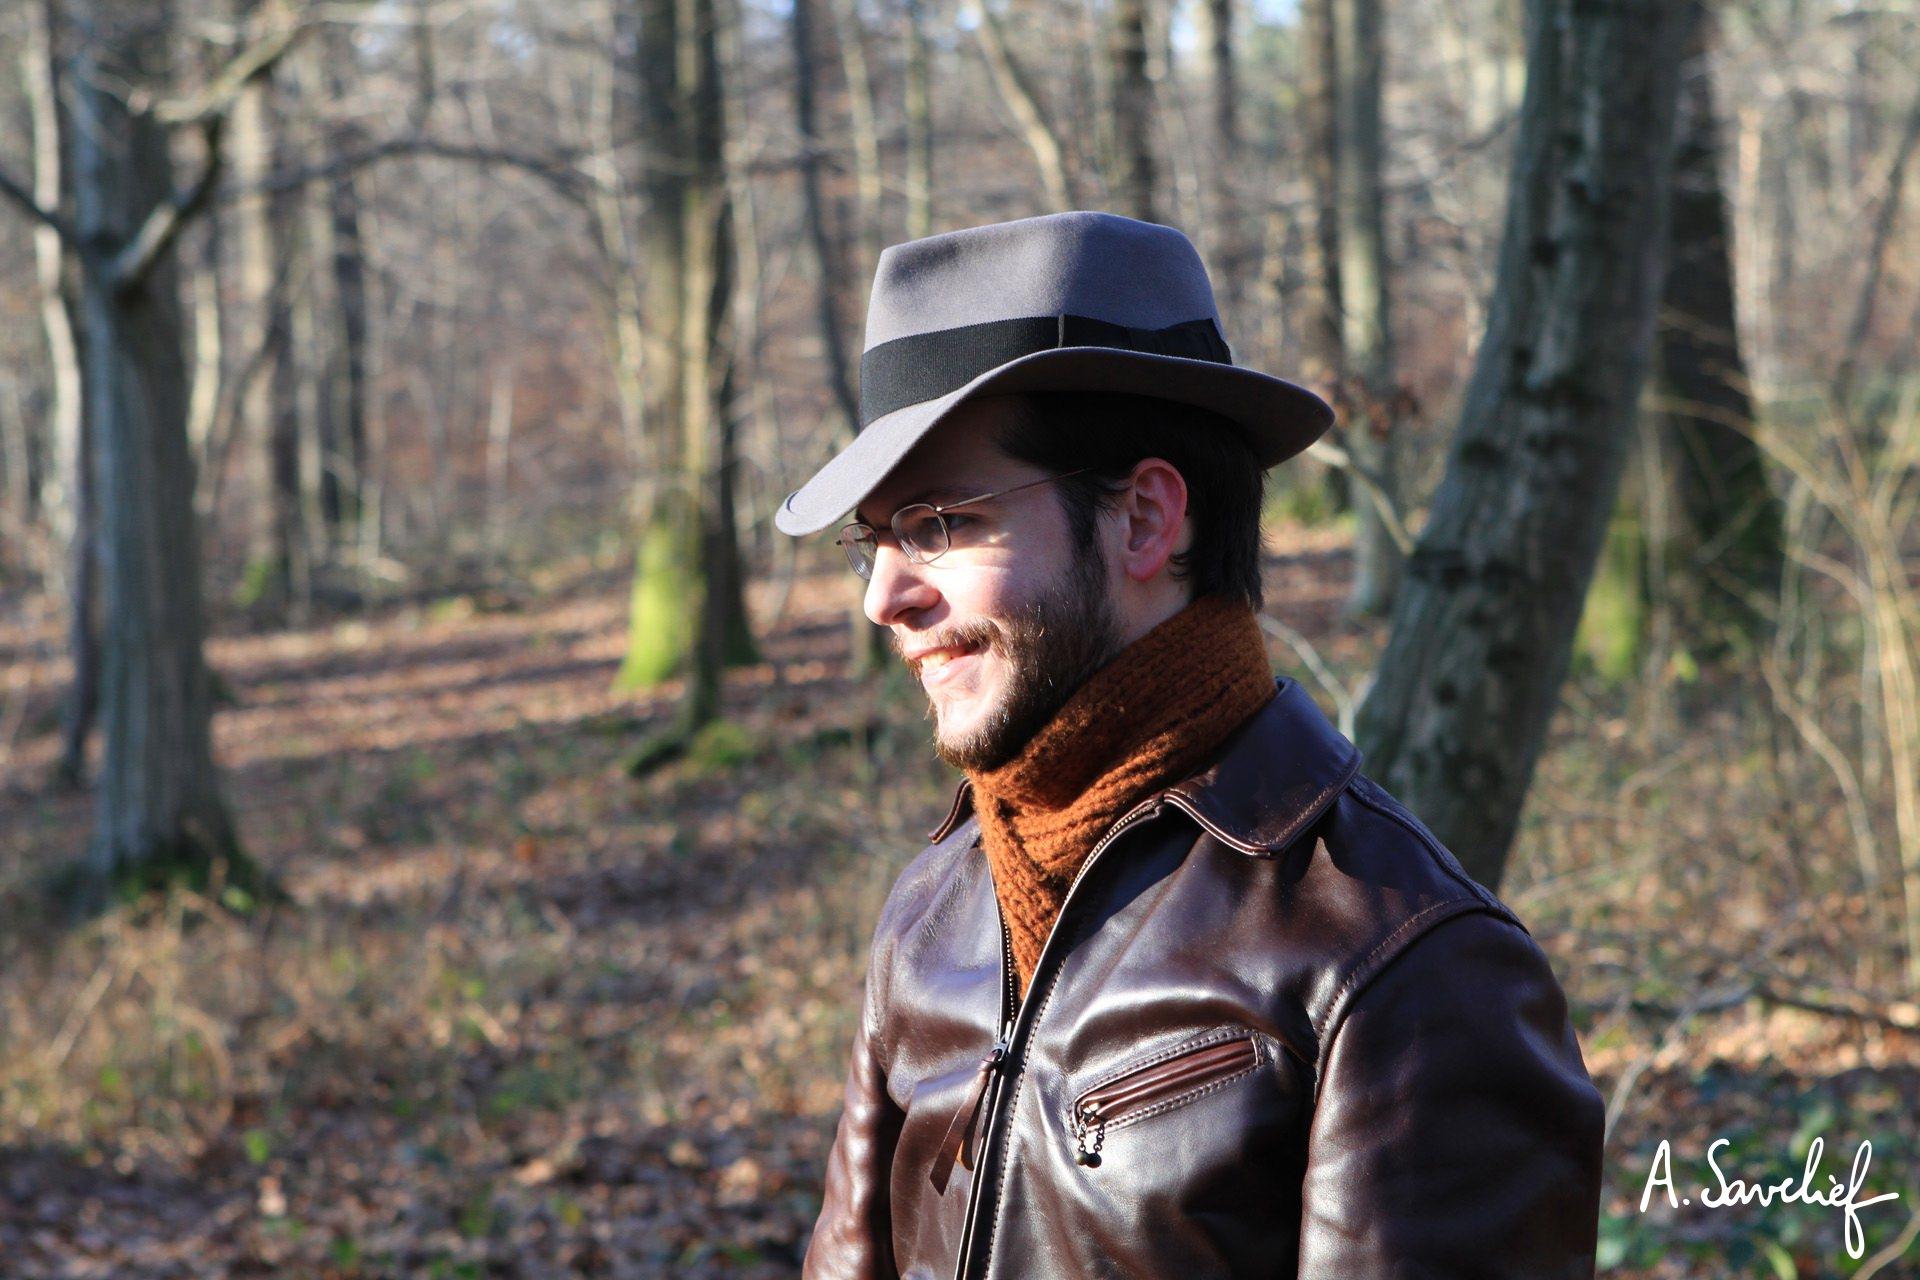 Alexis Savelief, compositeur de musique, en chapeau de feutre et blouson de cuir